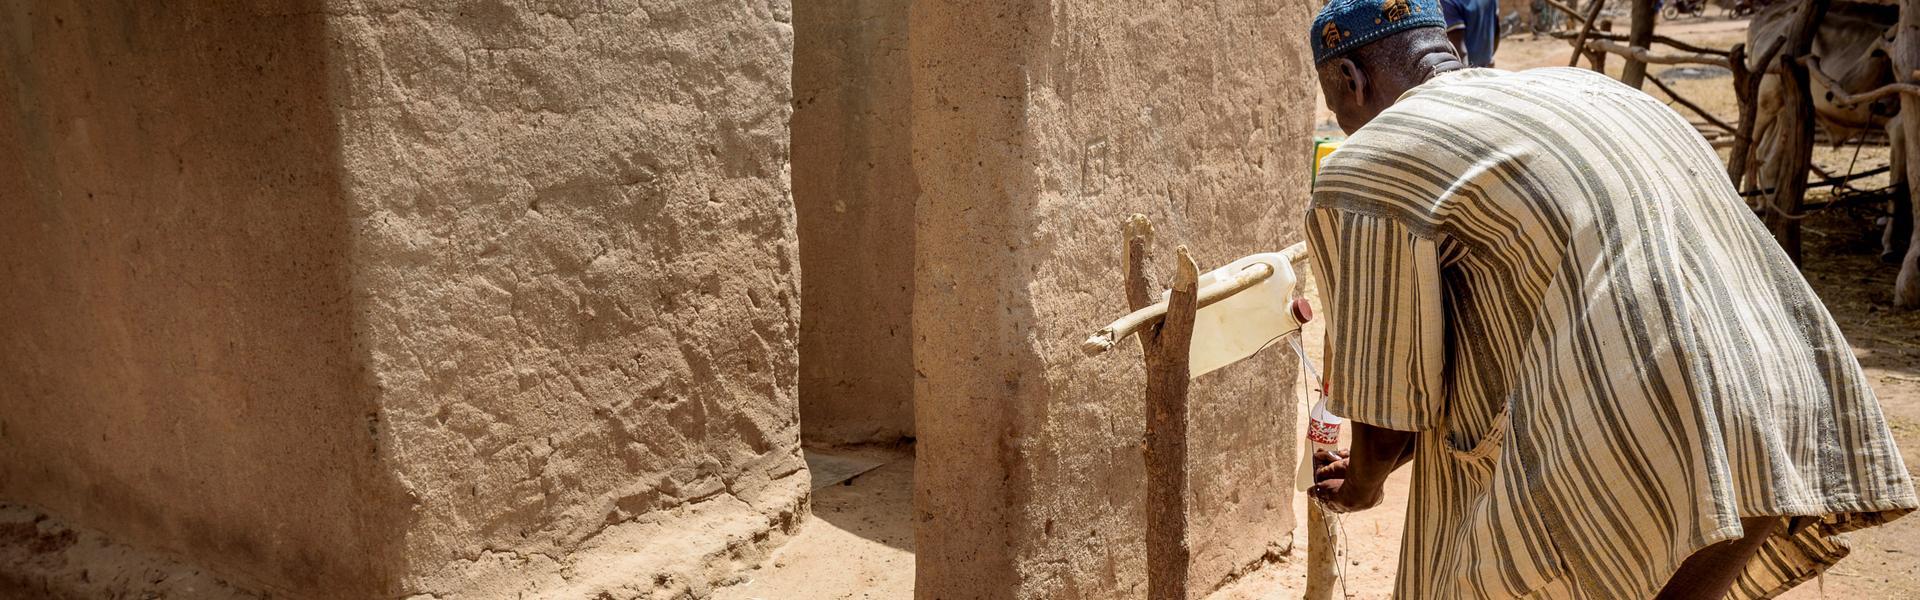 Burkina Faso letrines